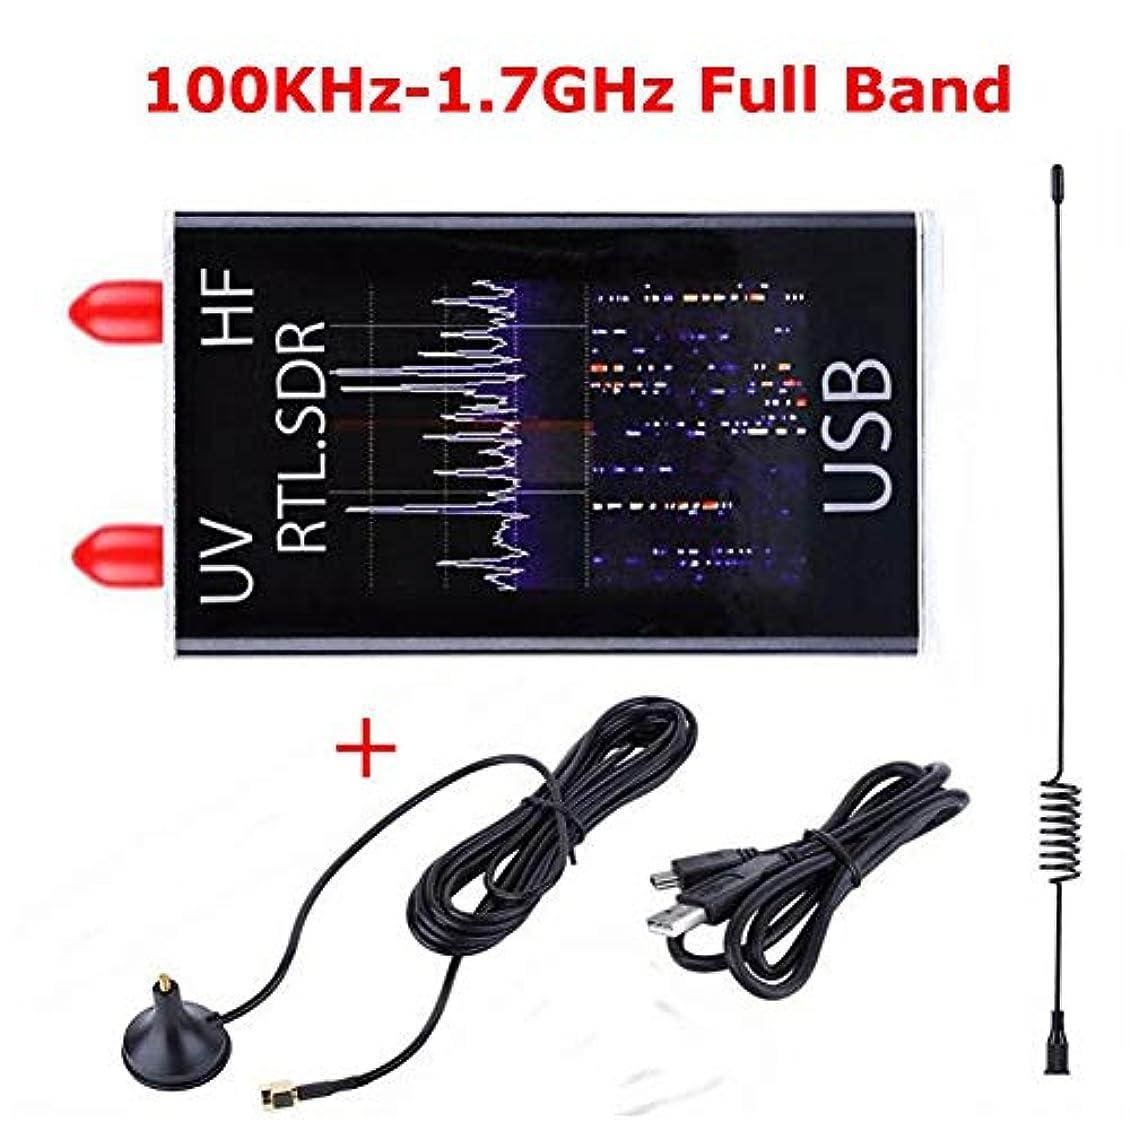 仕立て屋イタリック腹痛ACHICOO 100KHz?1.7GHzフルバンドUV HF RTL-SDR USBチューナーレシーバ/ R820T + 8232ハムラジオ